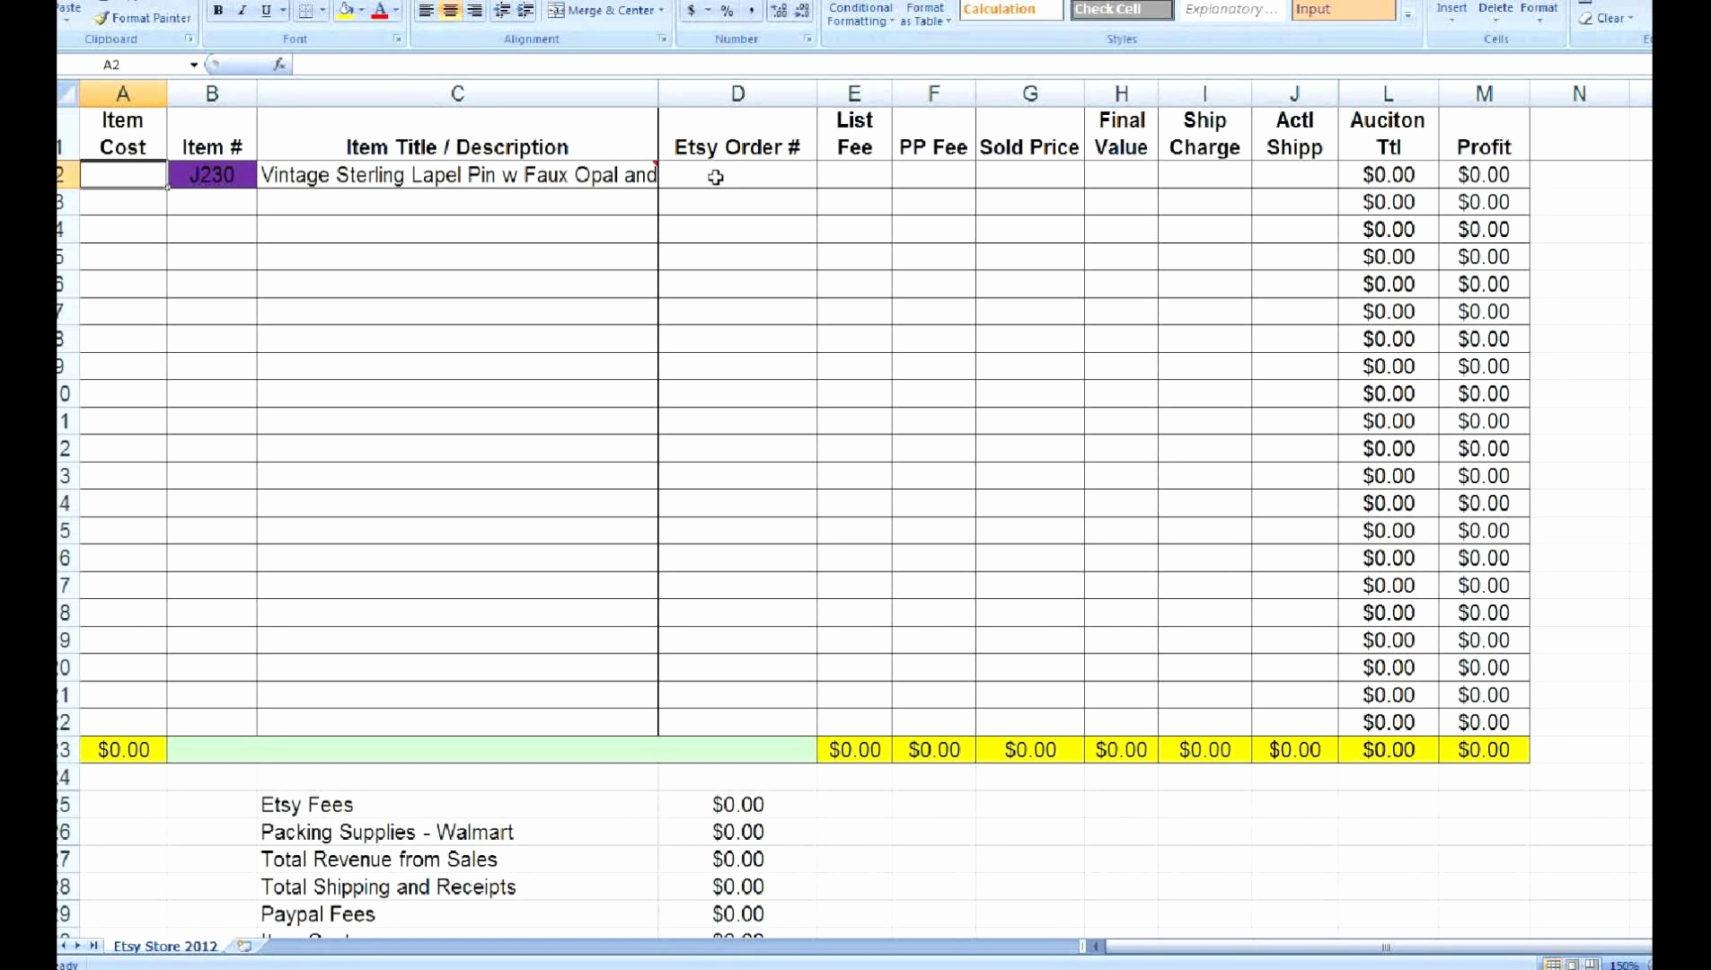 In A Spreadsheet Program Elegant In A Spreadsheet Program Luxury In Inventory Control Spreadsheet